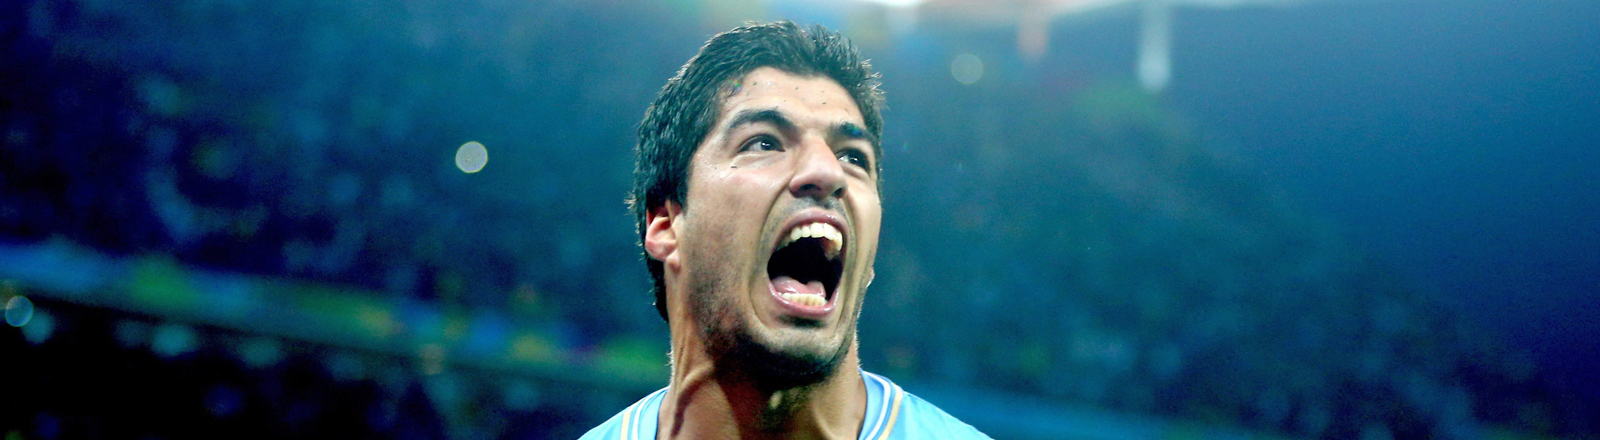 Der Fußballspieler Luis Suarez